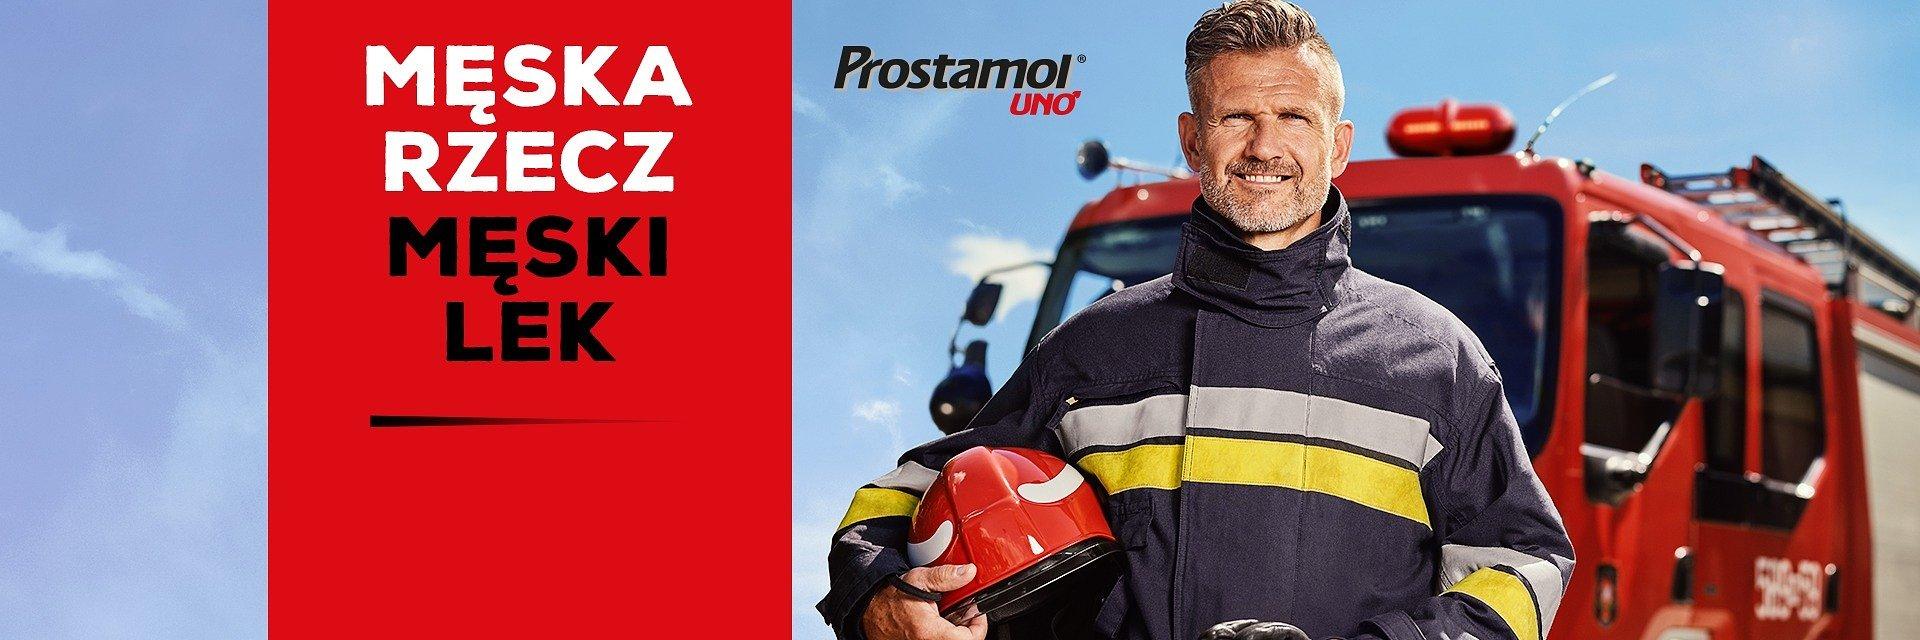 Nowa kampania telewizyjna leku Prostamol® UNO od Hand Made